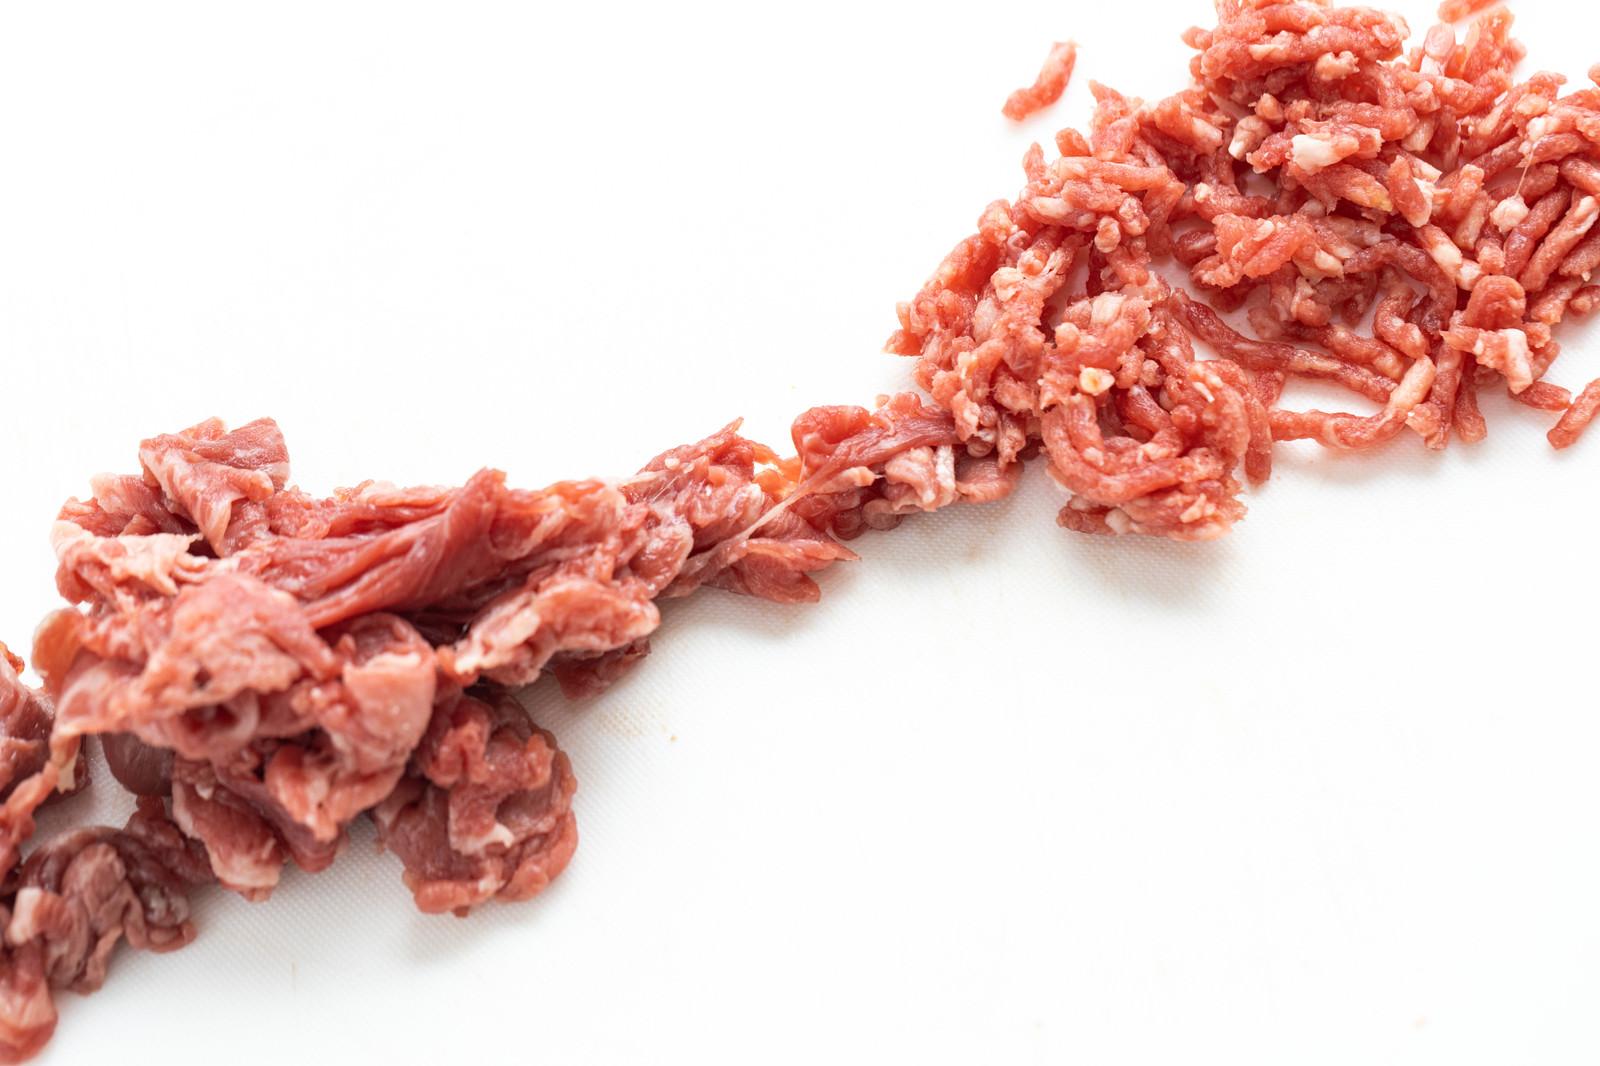 「細切れからミンチ化される肉」の写真